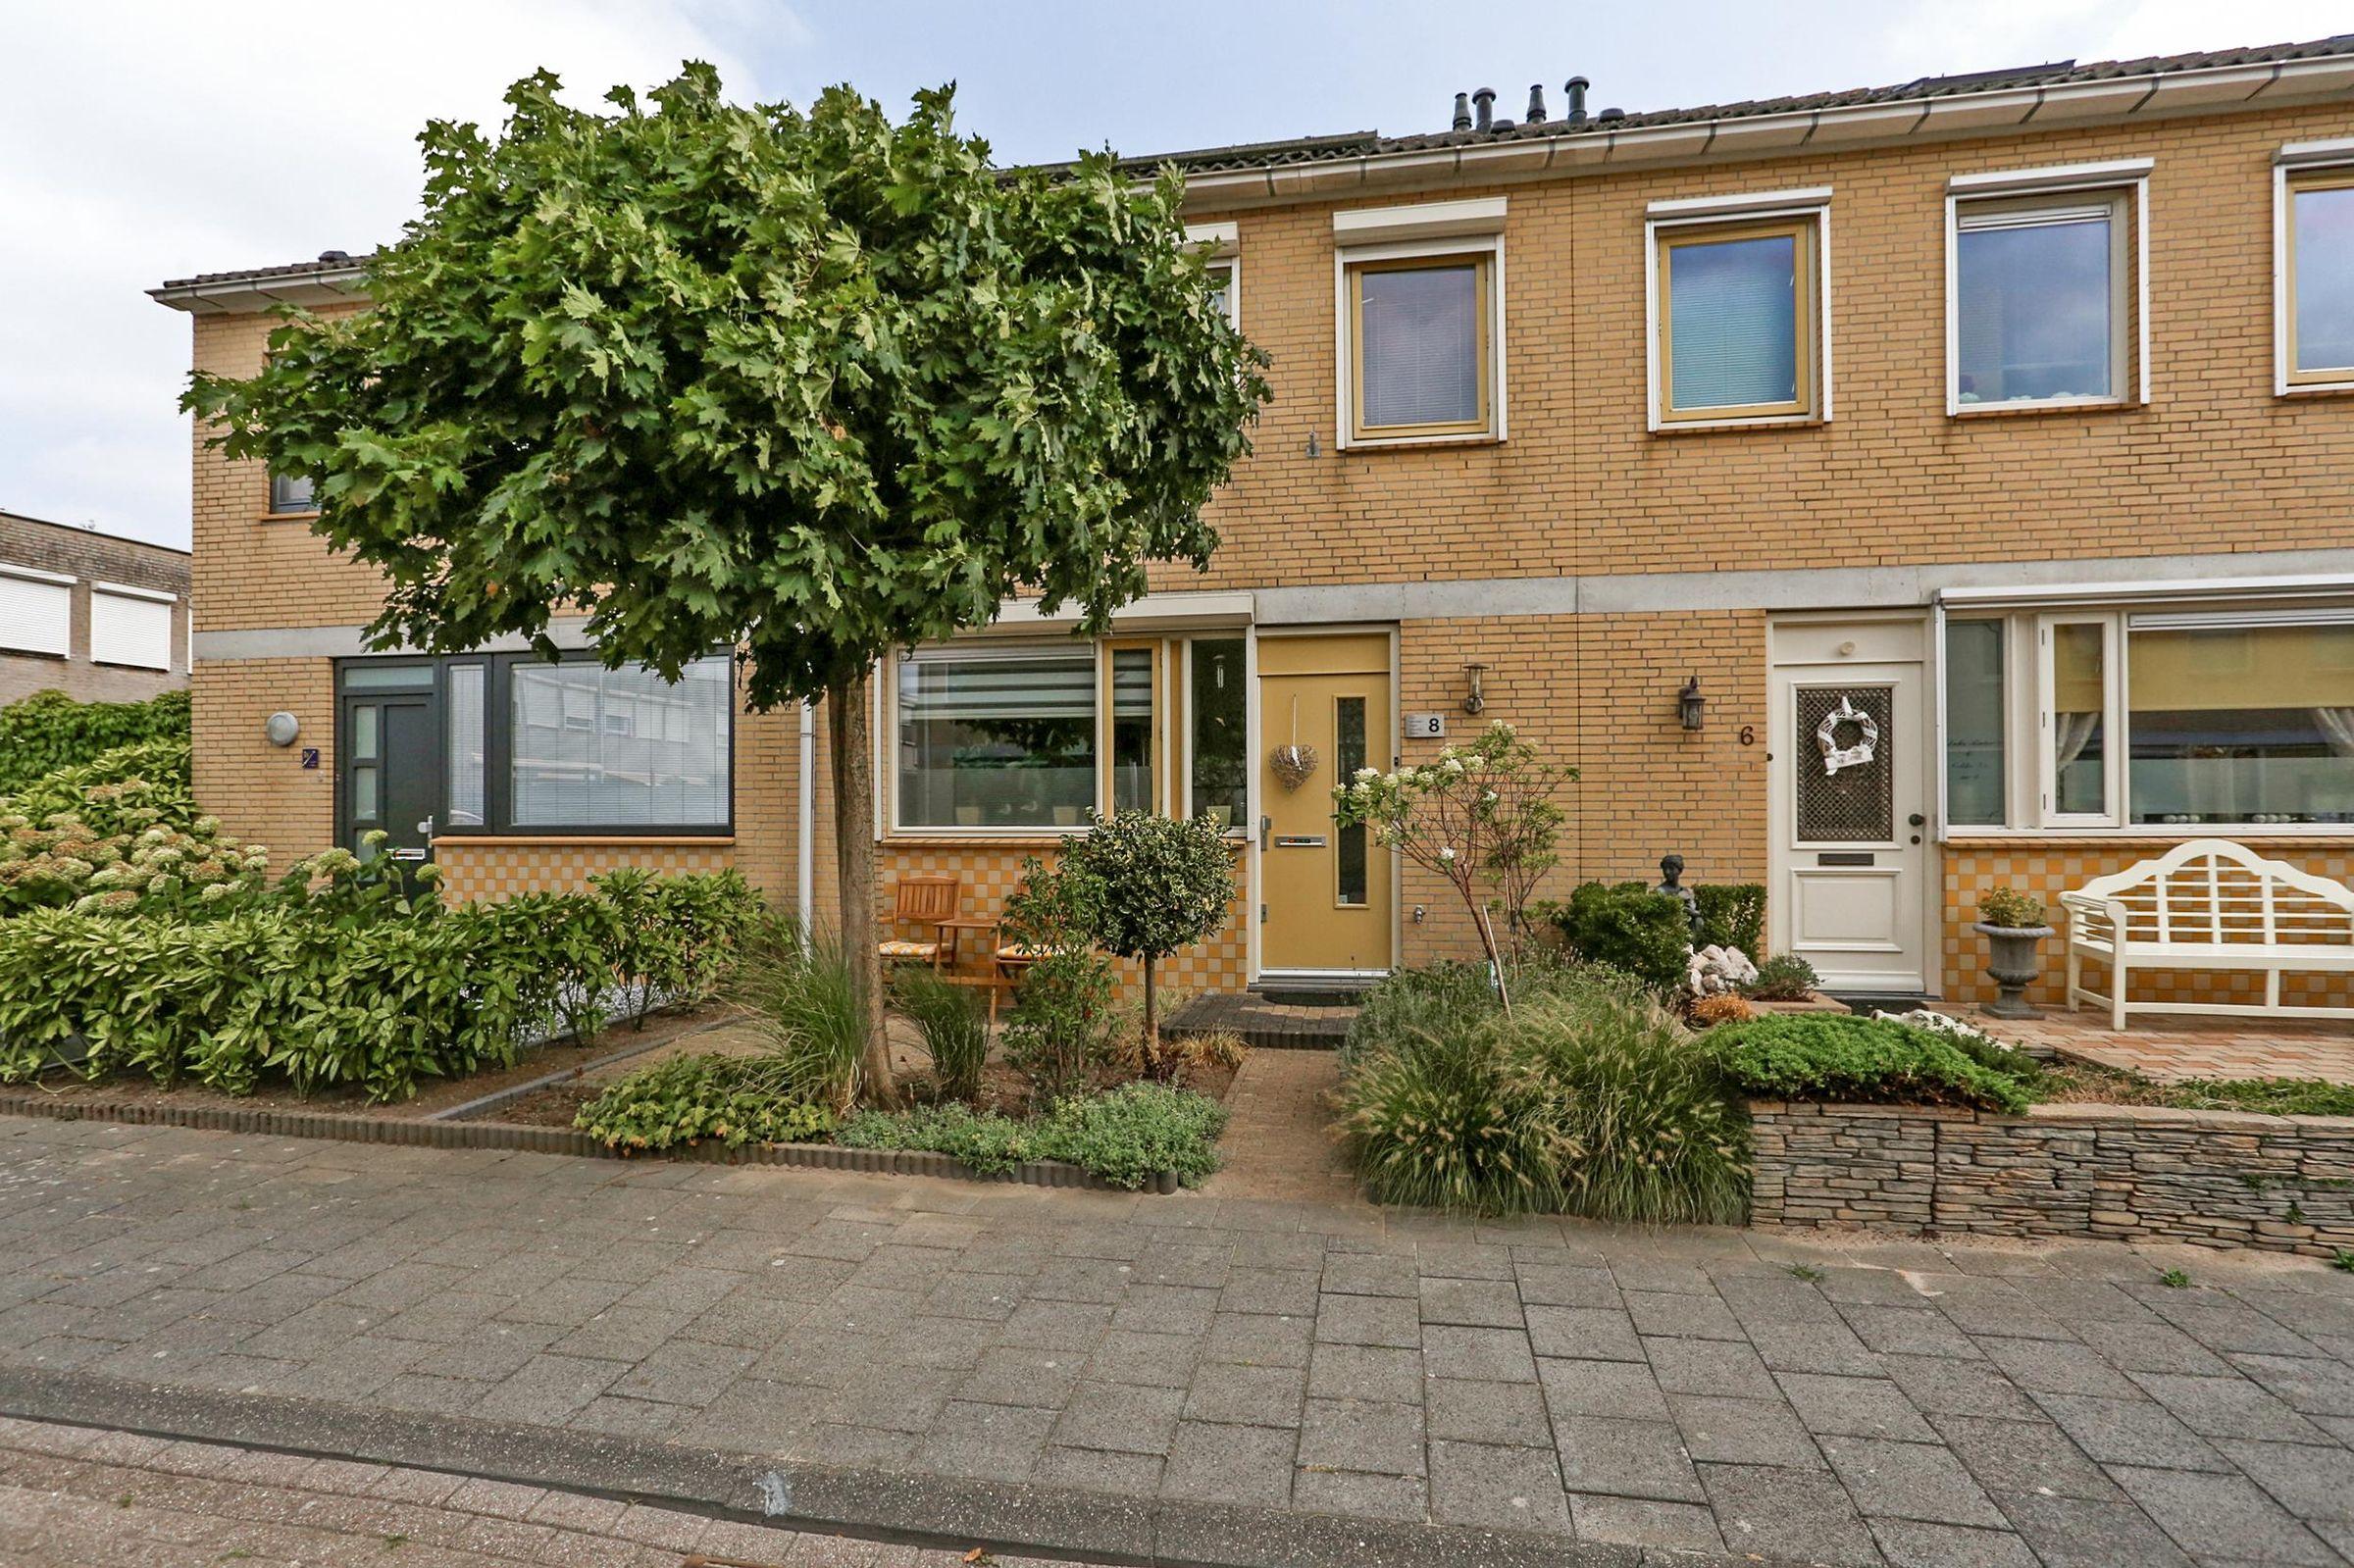 Hermansstraat 8, Oud-Beijerland